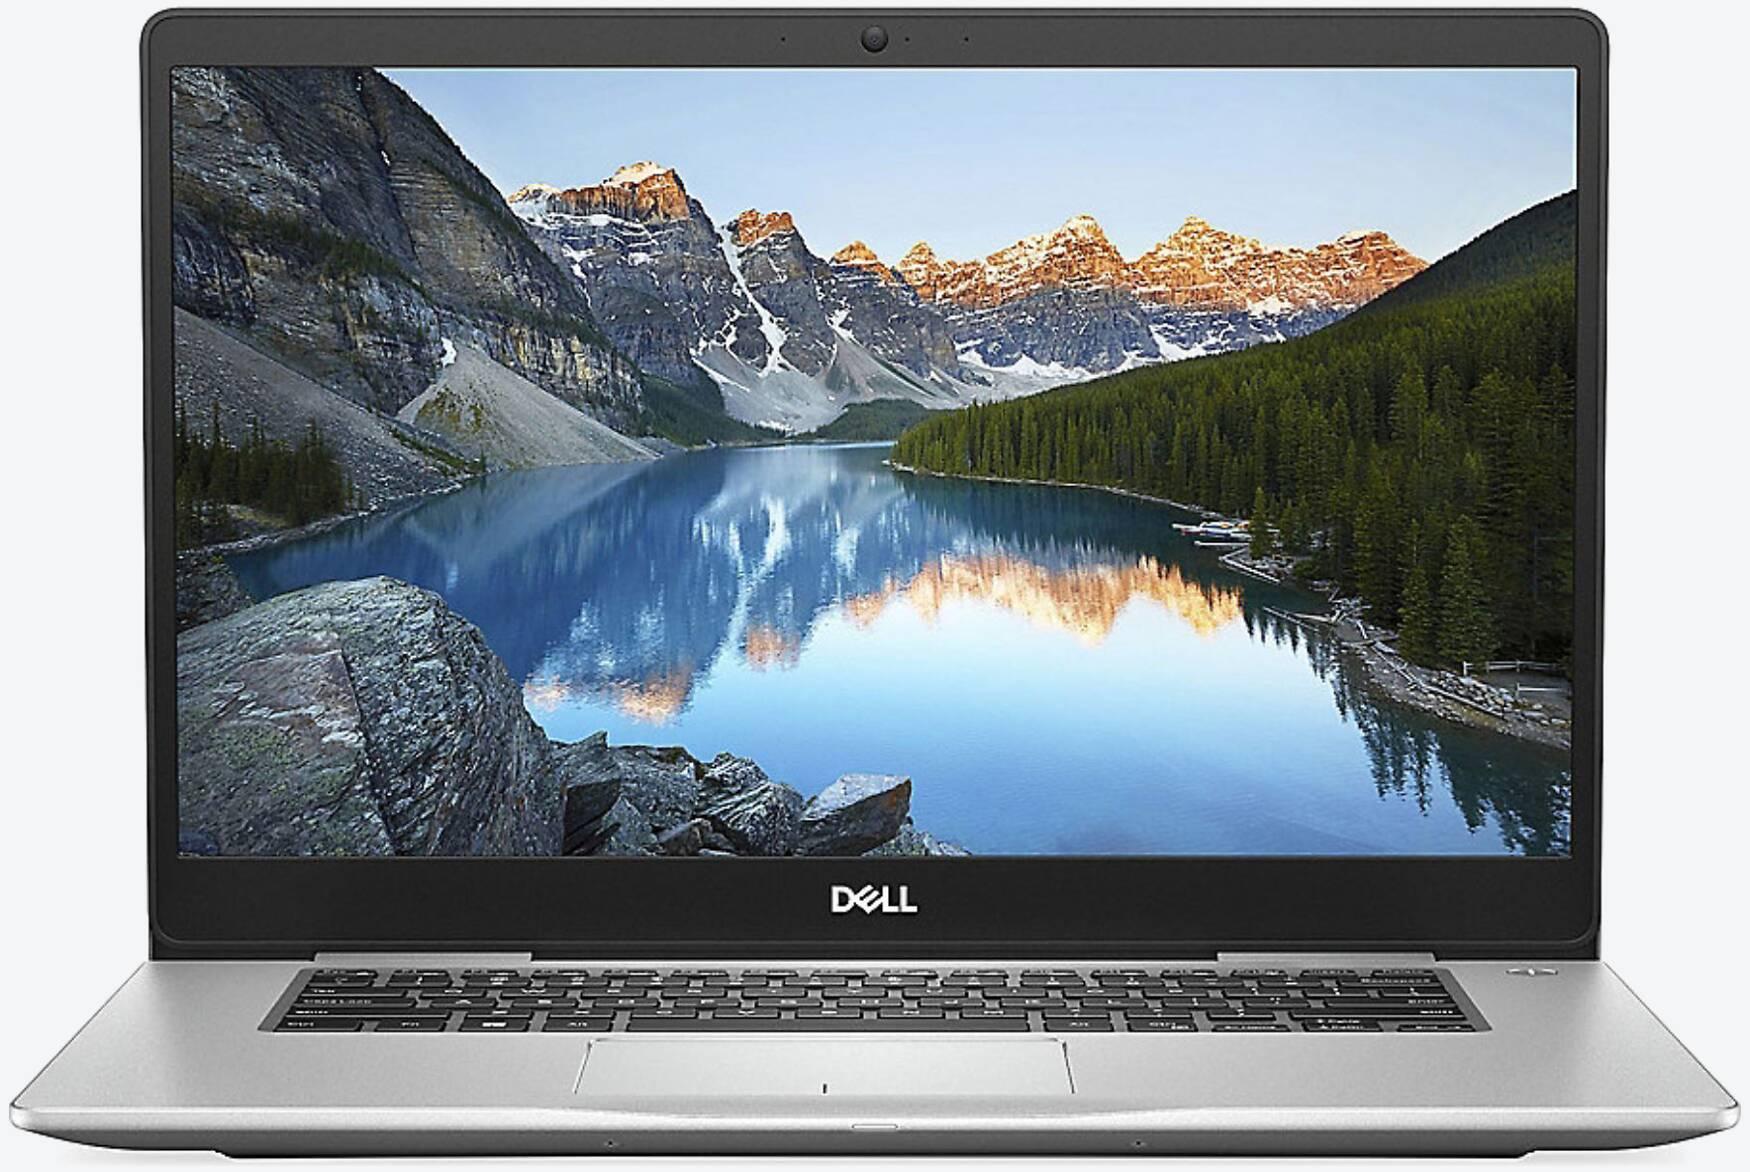 Dell Inspiron 15 7580-2218